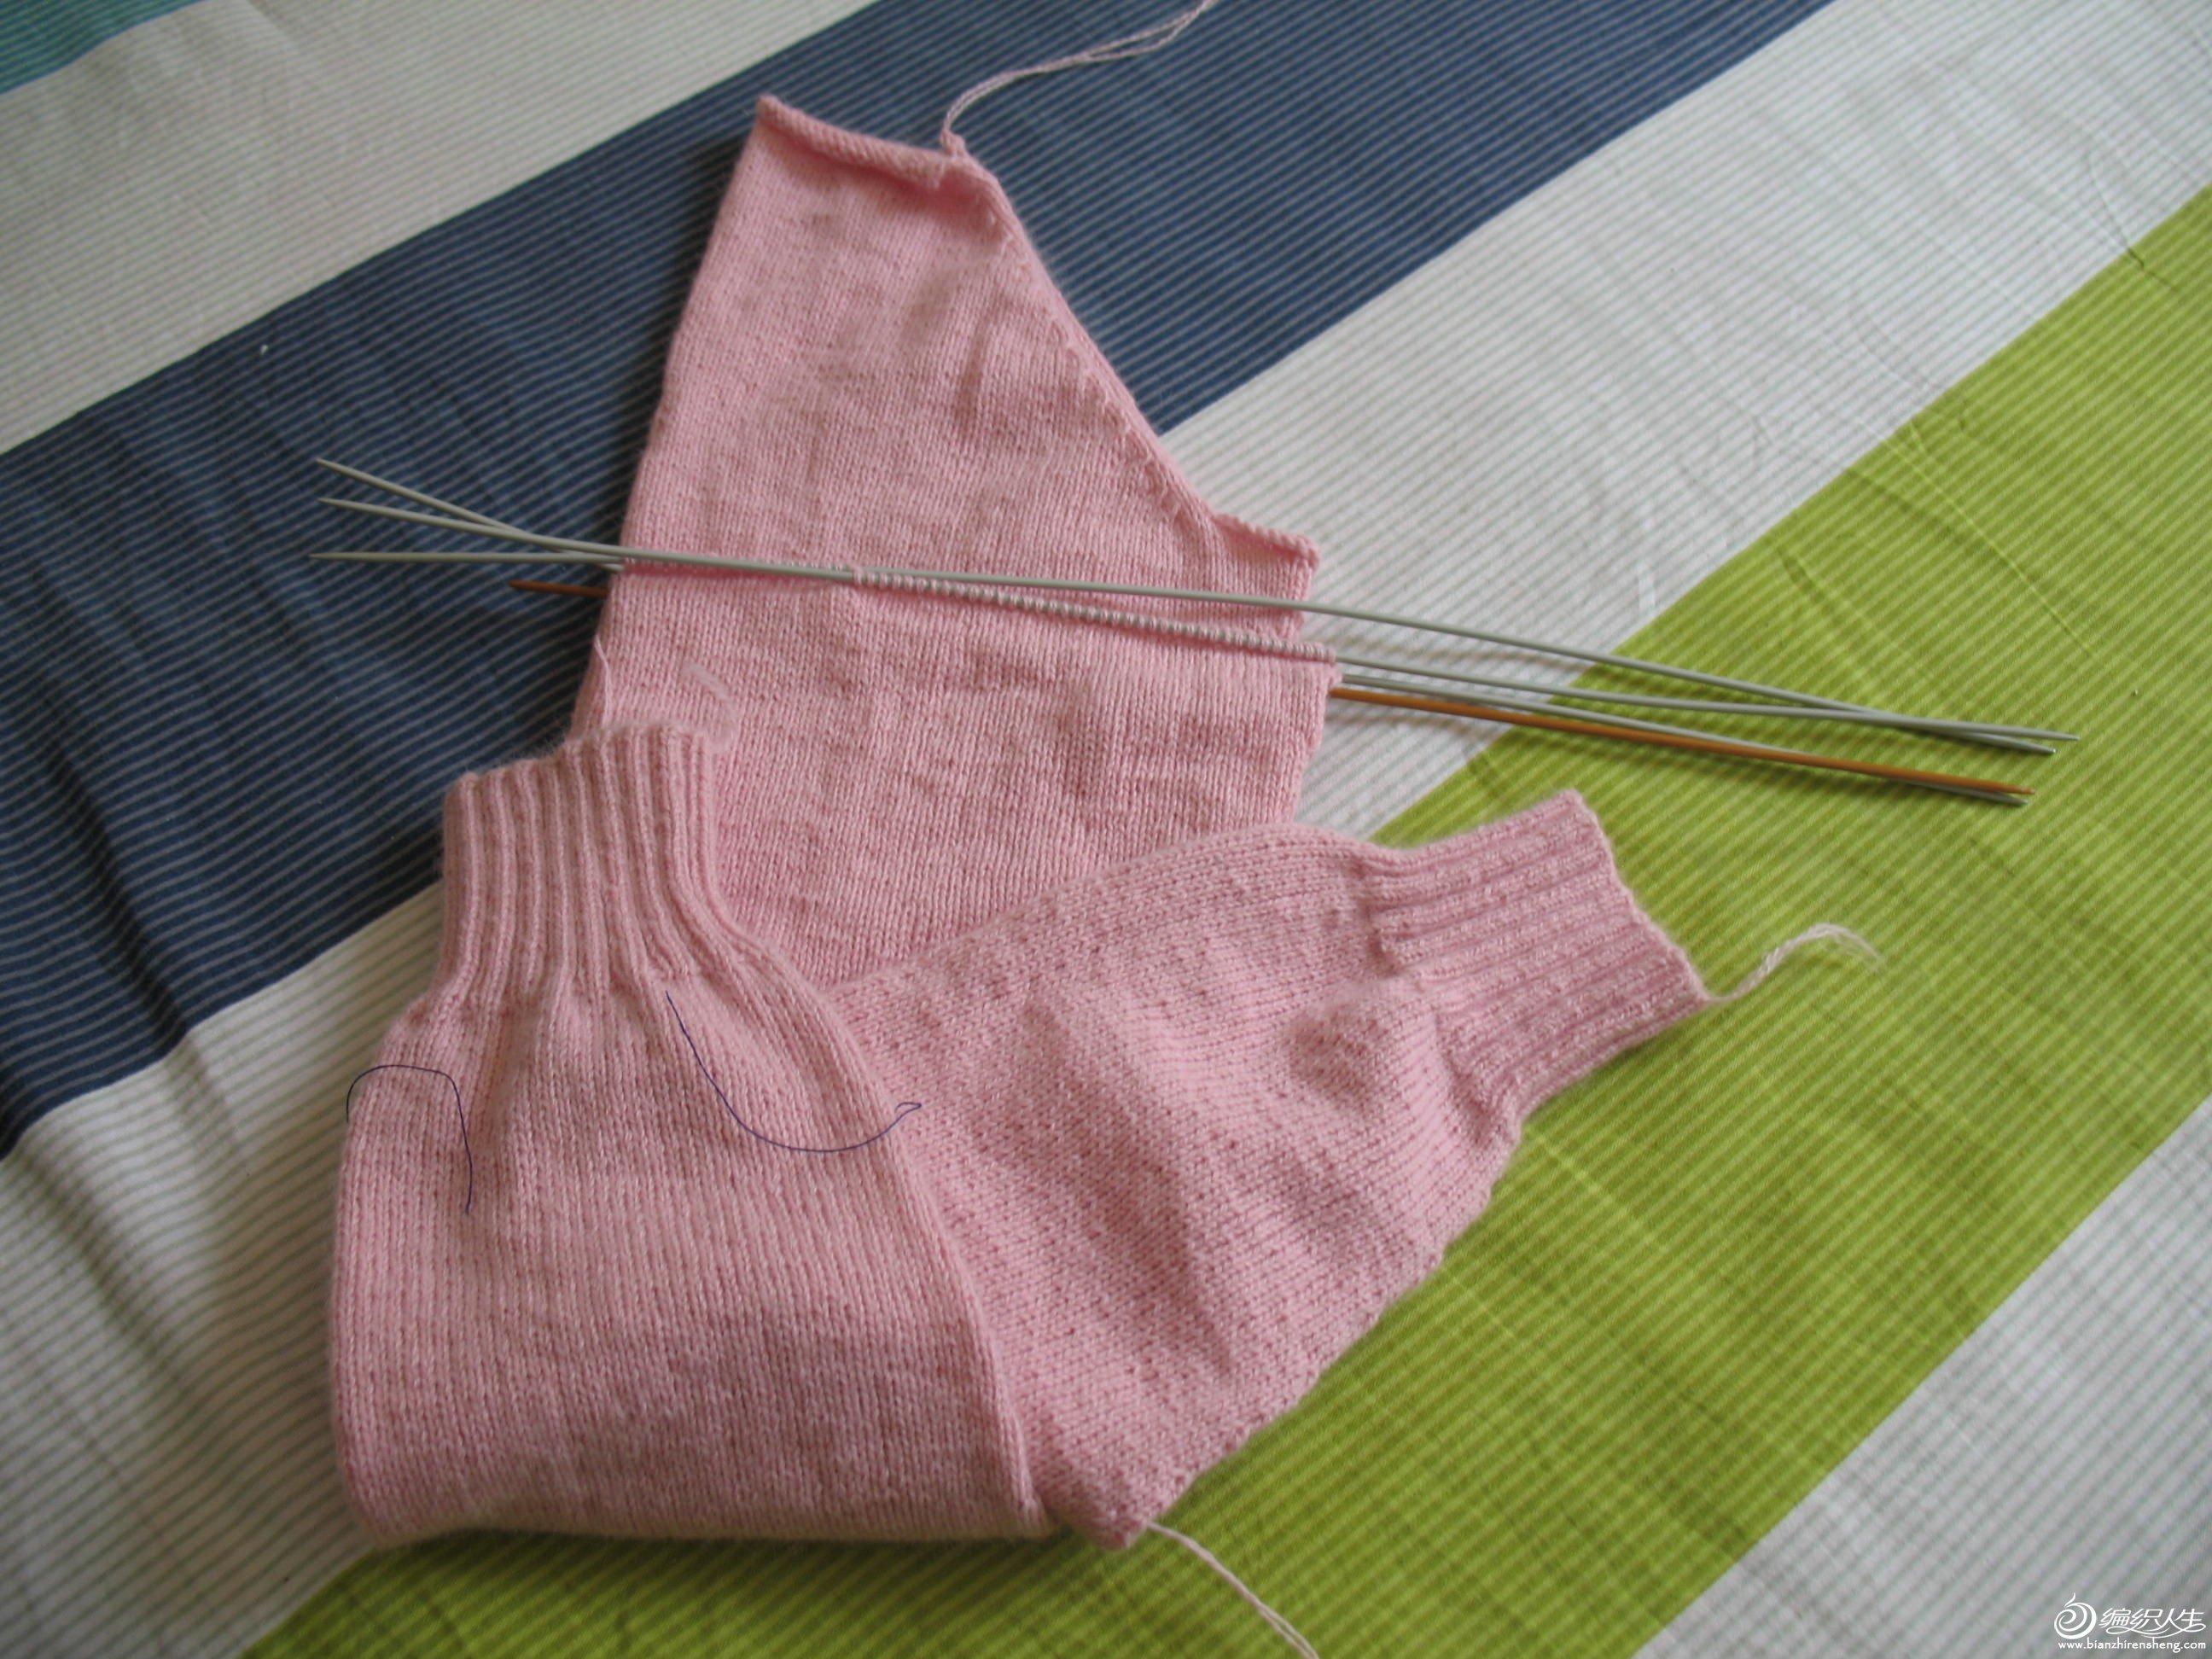 袖子即将完工,织时开始有点涩,后来就习惯了。不掉毛